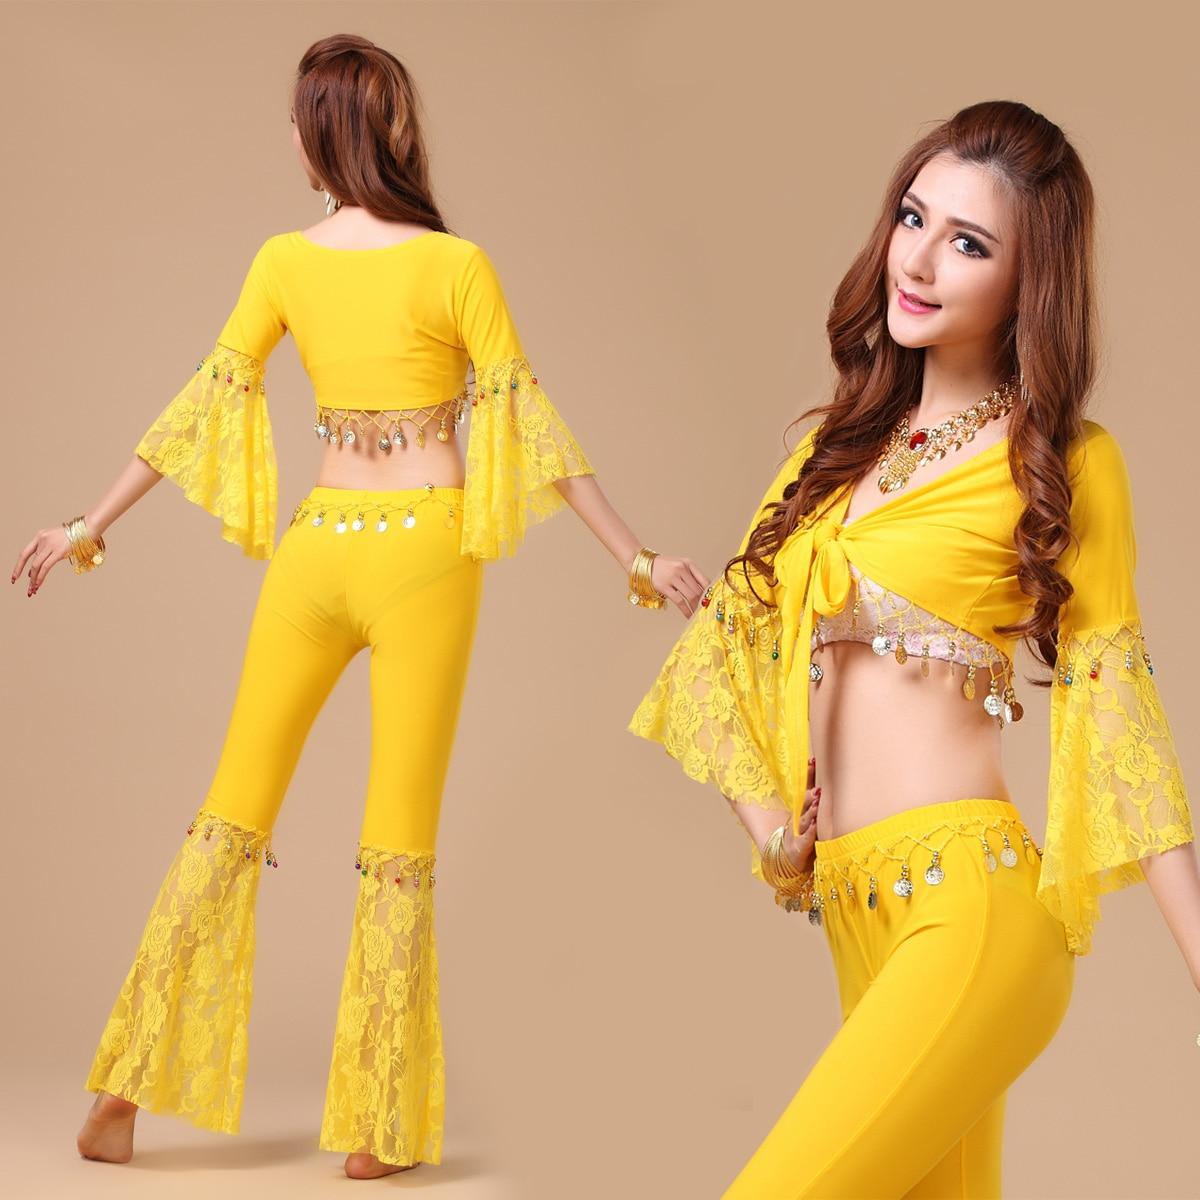 1b3c54db0e8f9 Kadınlar Seksi Oryantal Dans Kostüm Üst + Pantolon Kadın Giyim Dipleri Etek  Egzersizleri Bollywood Hint Dans Kostüm 8